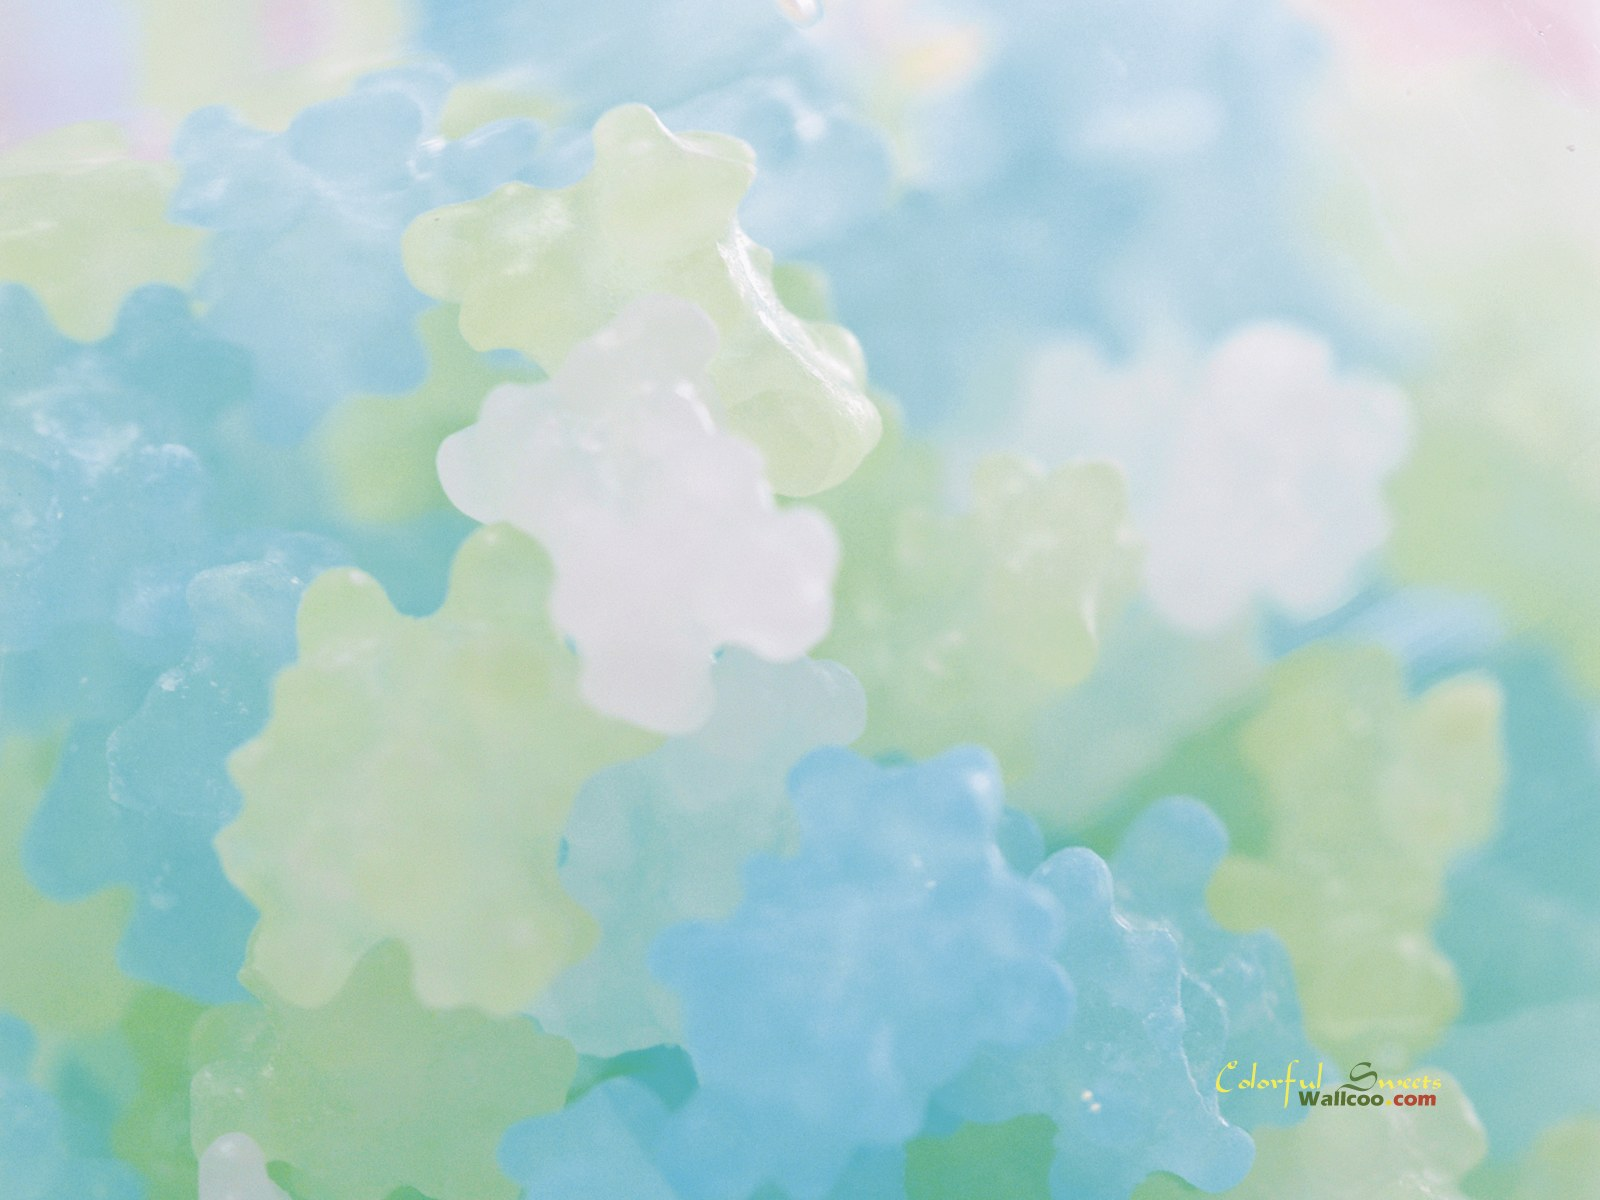 非常可爱的缤纷糖果高清背景图片素材2(25P)[中国PhotoShop资源网|PS教程|PSD模板|照片处理|PS素材|背景图片|字体下载|PS笔刷下载]